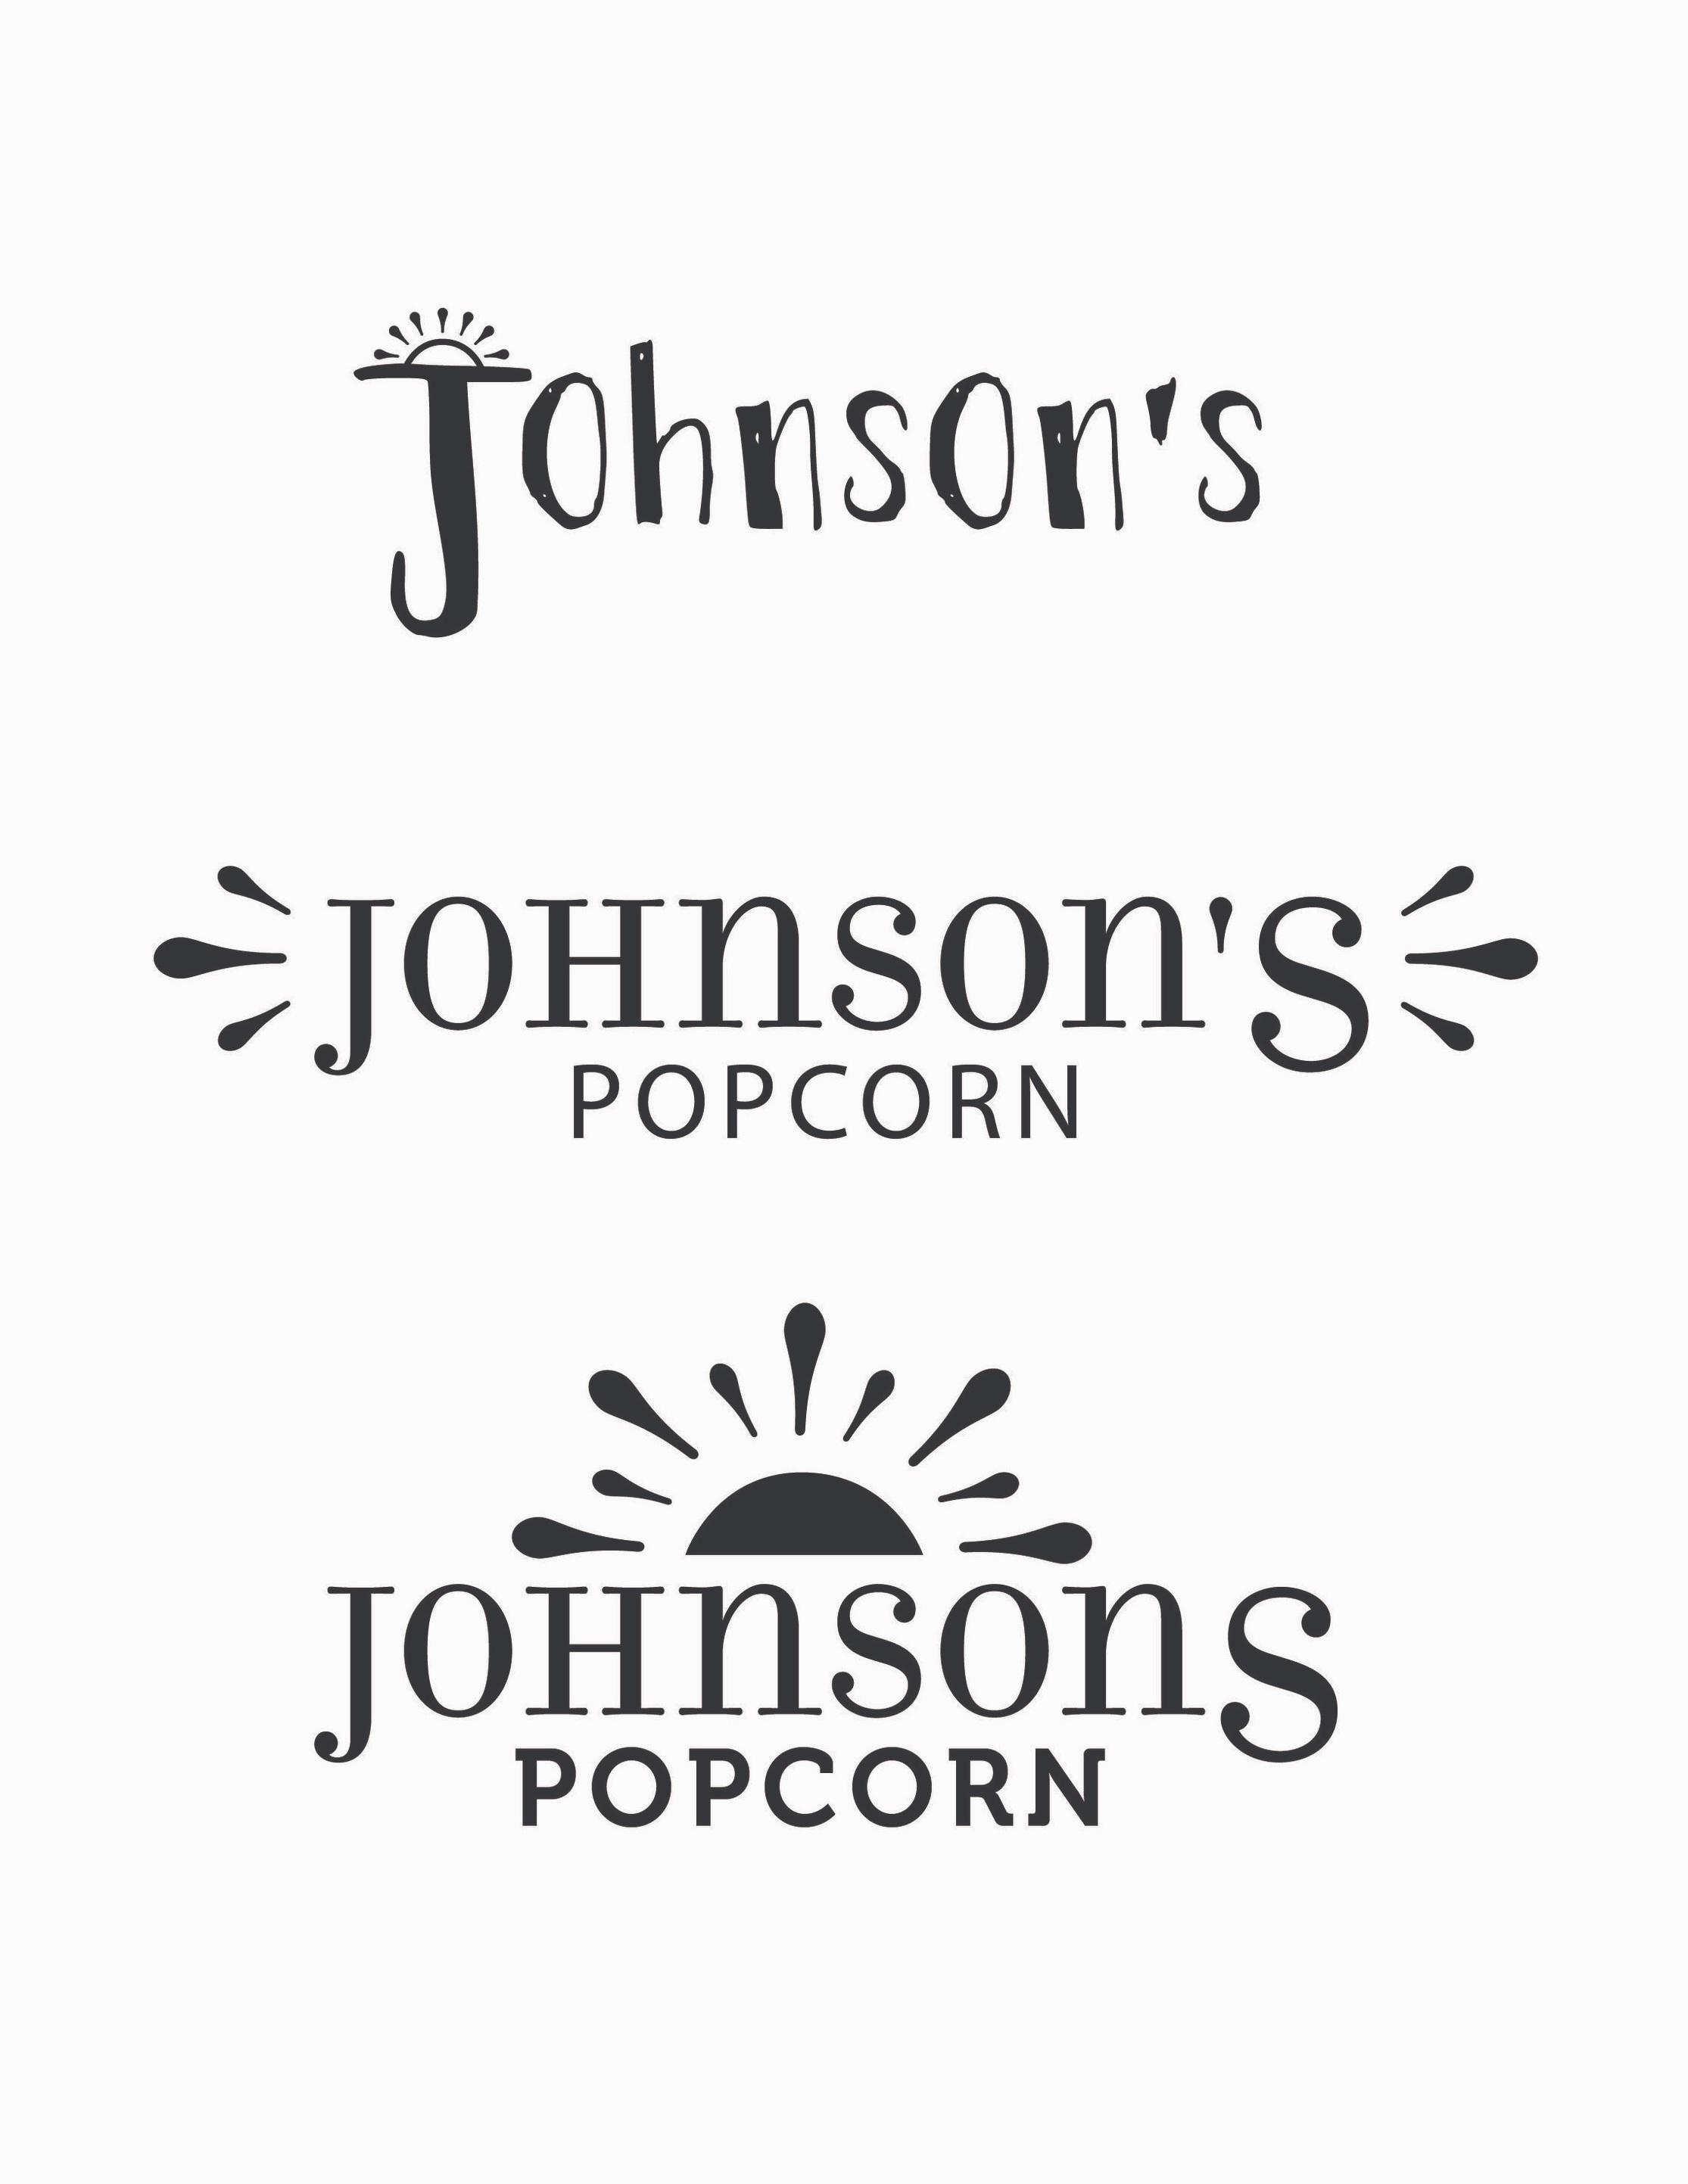 johnsons popcorn logo ideas1-01.jpg